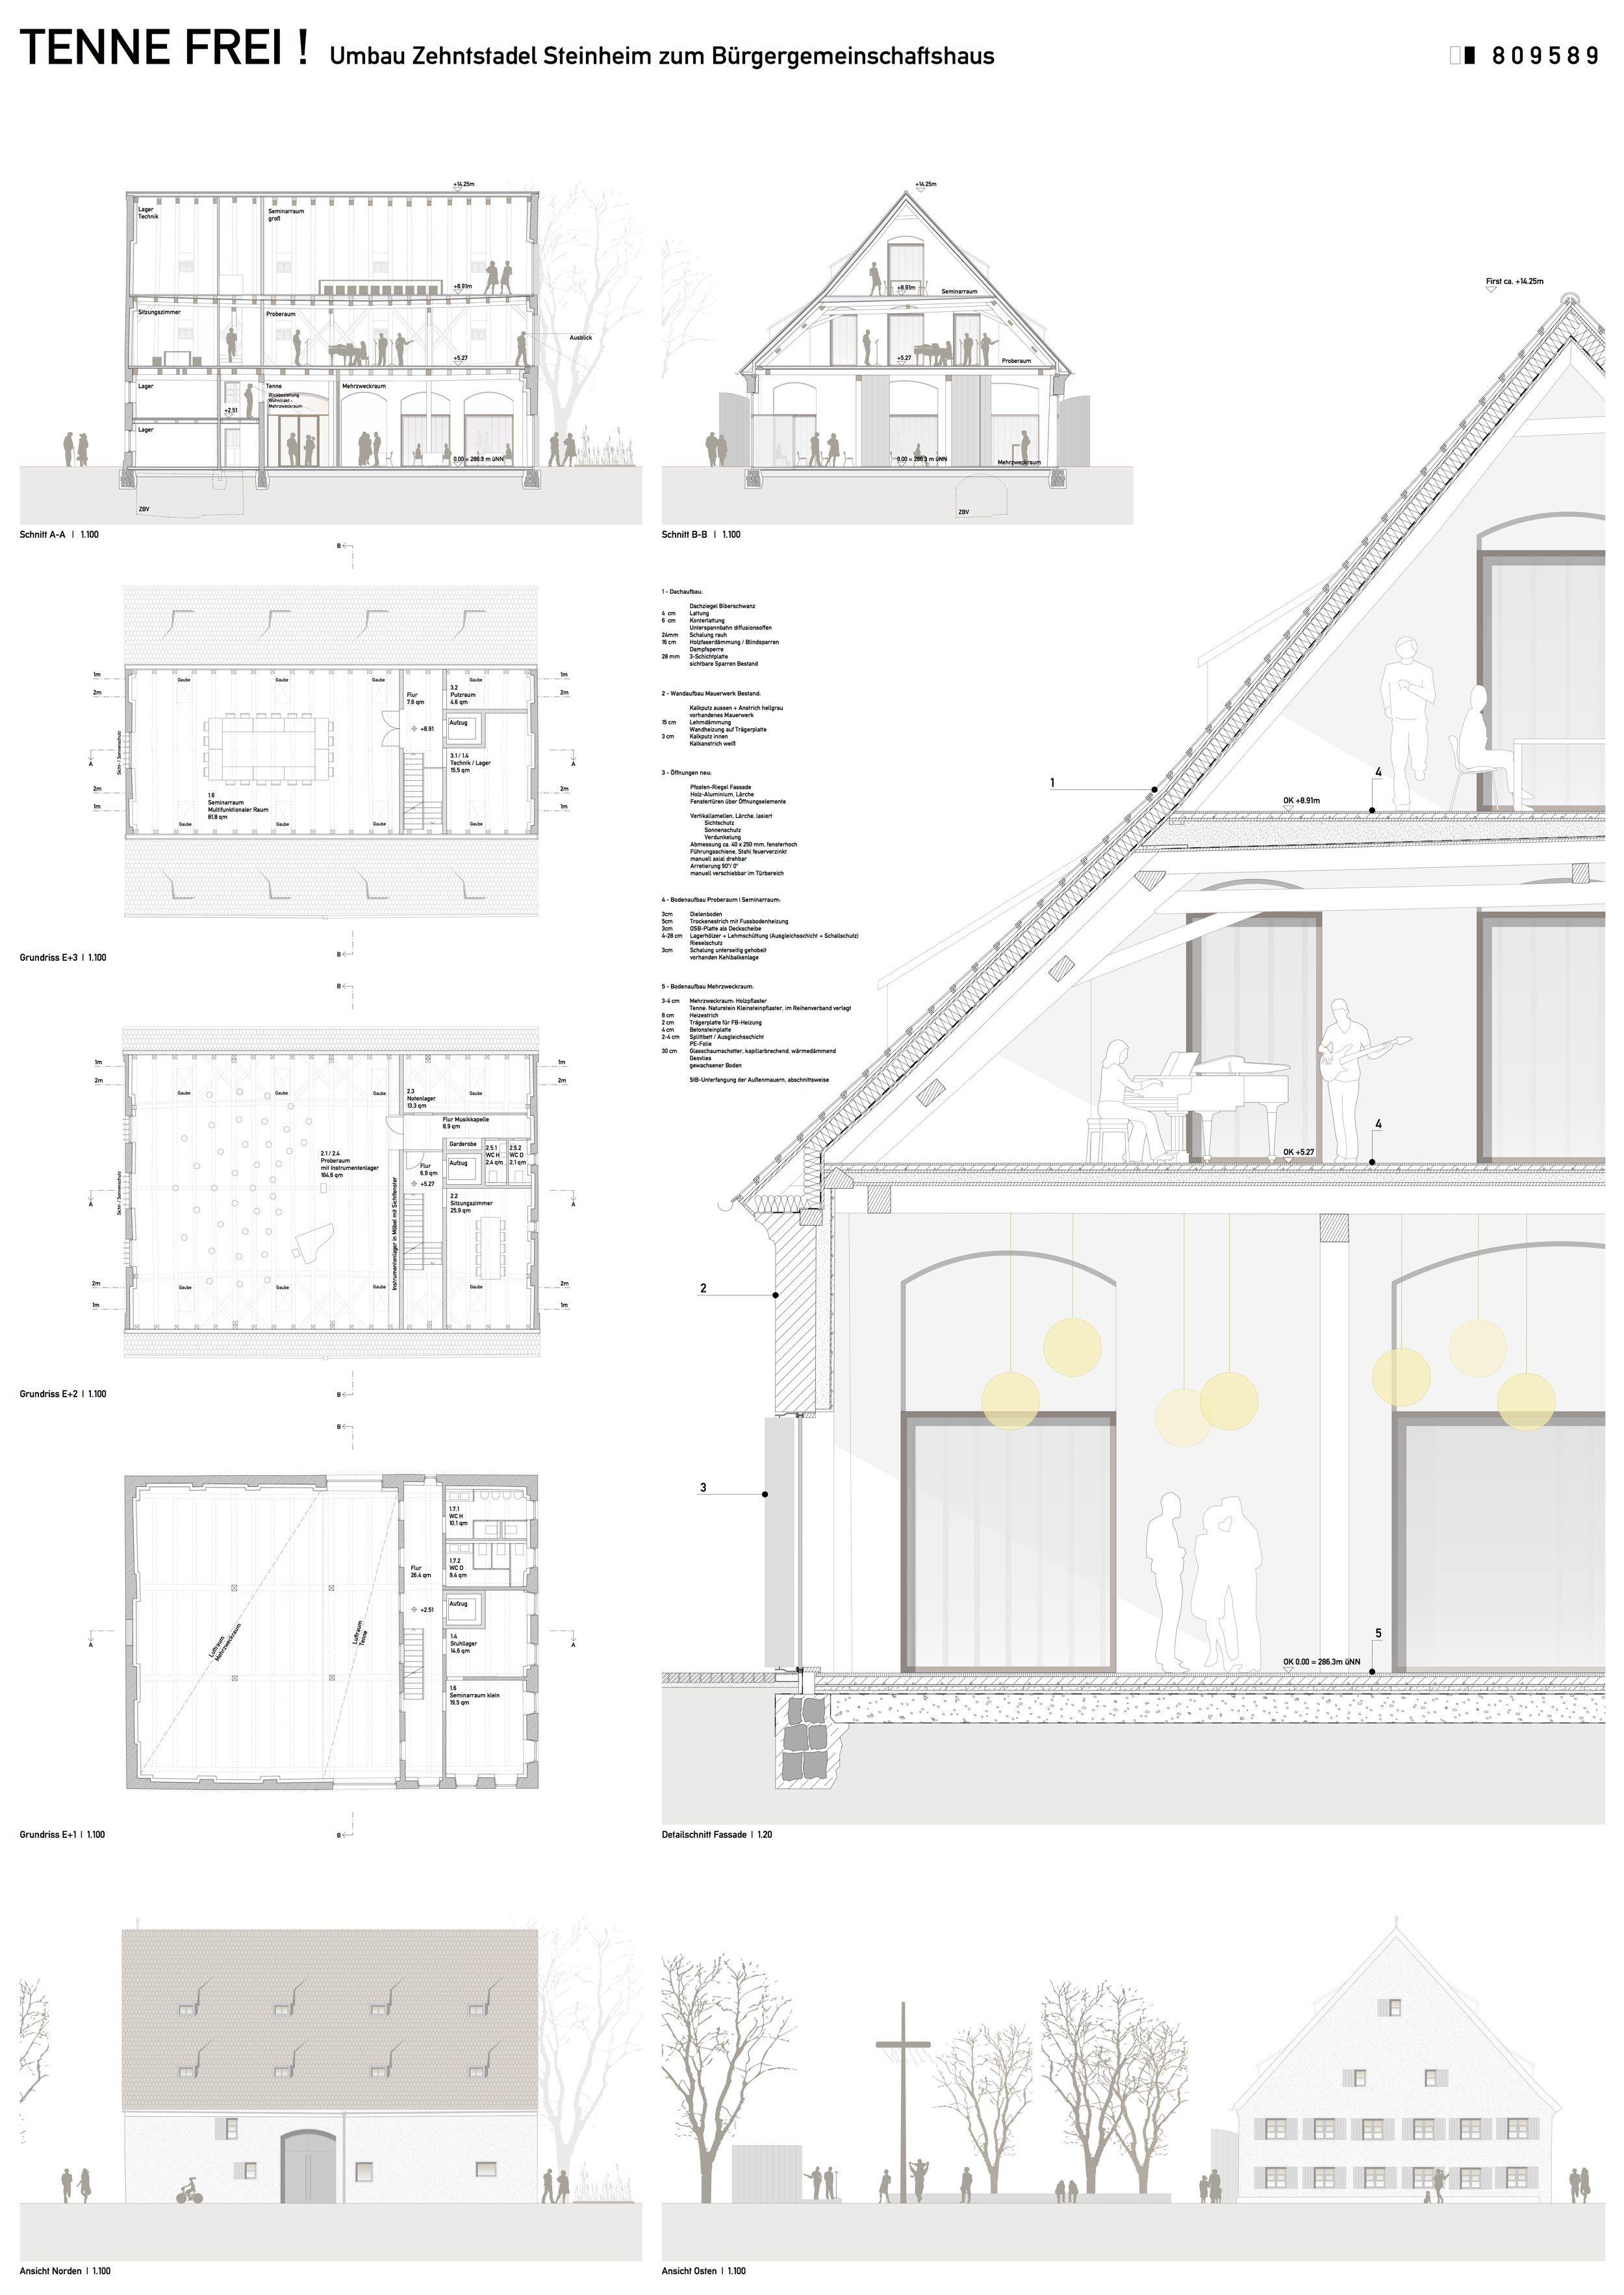 H2m Architekten 2 preis tafel 02 h2m architekten stadtplaner gmbh arch